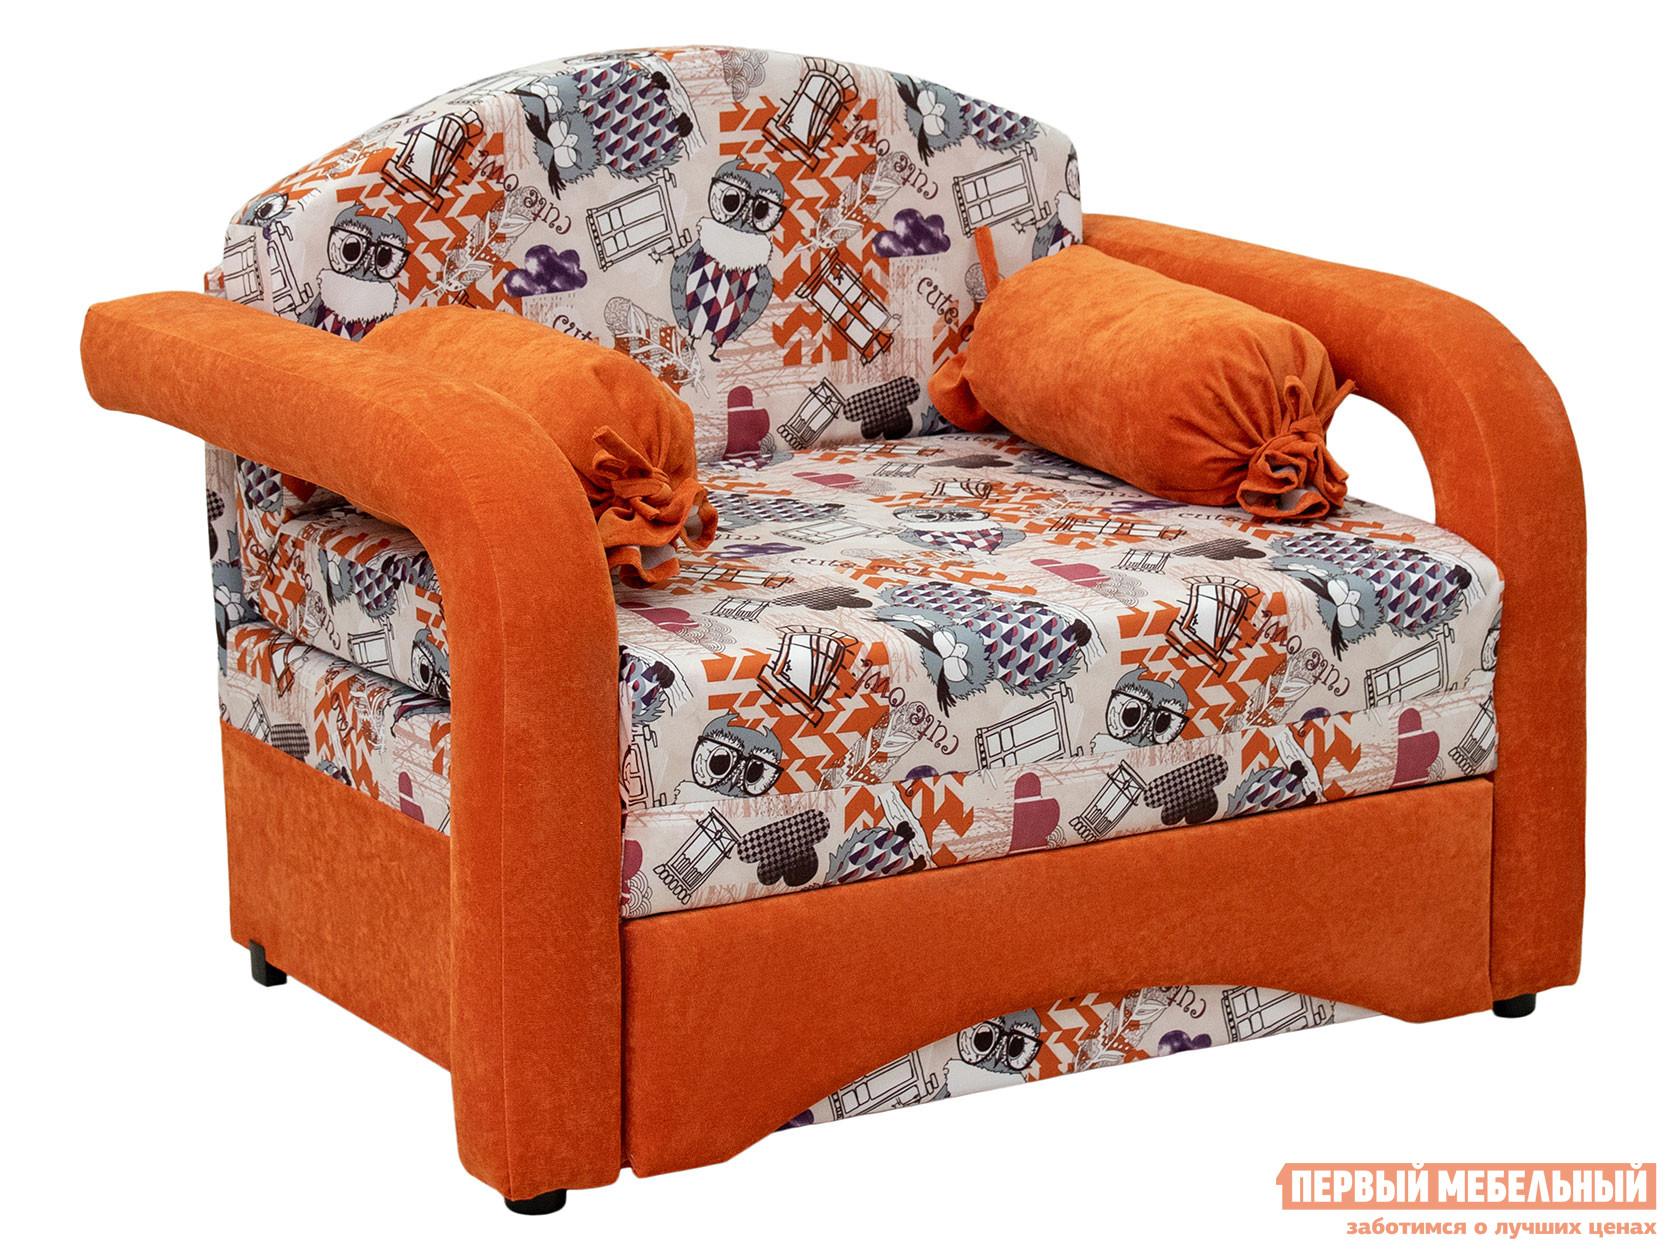 Кресло  Кресло-кровать Антошка Филин, жаккард / микровелюр — Кресло-кровать Антошка Филин, жаккард / микровелюр